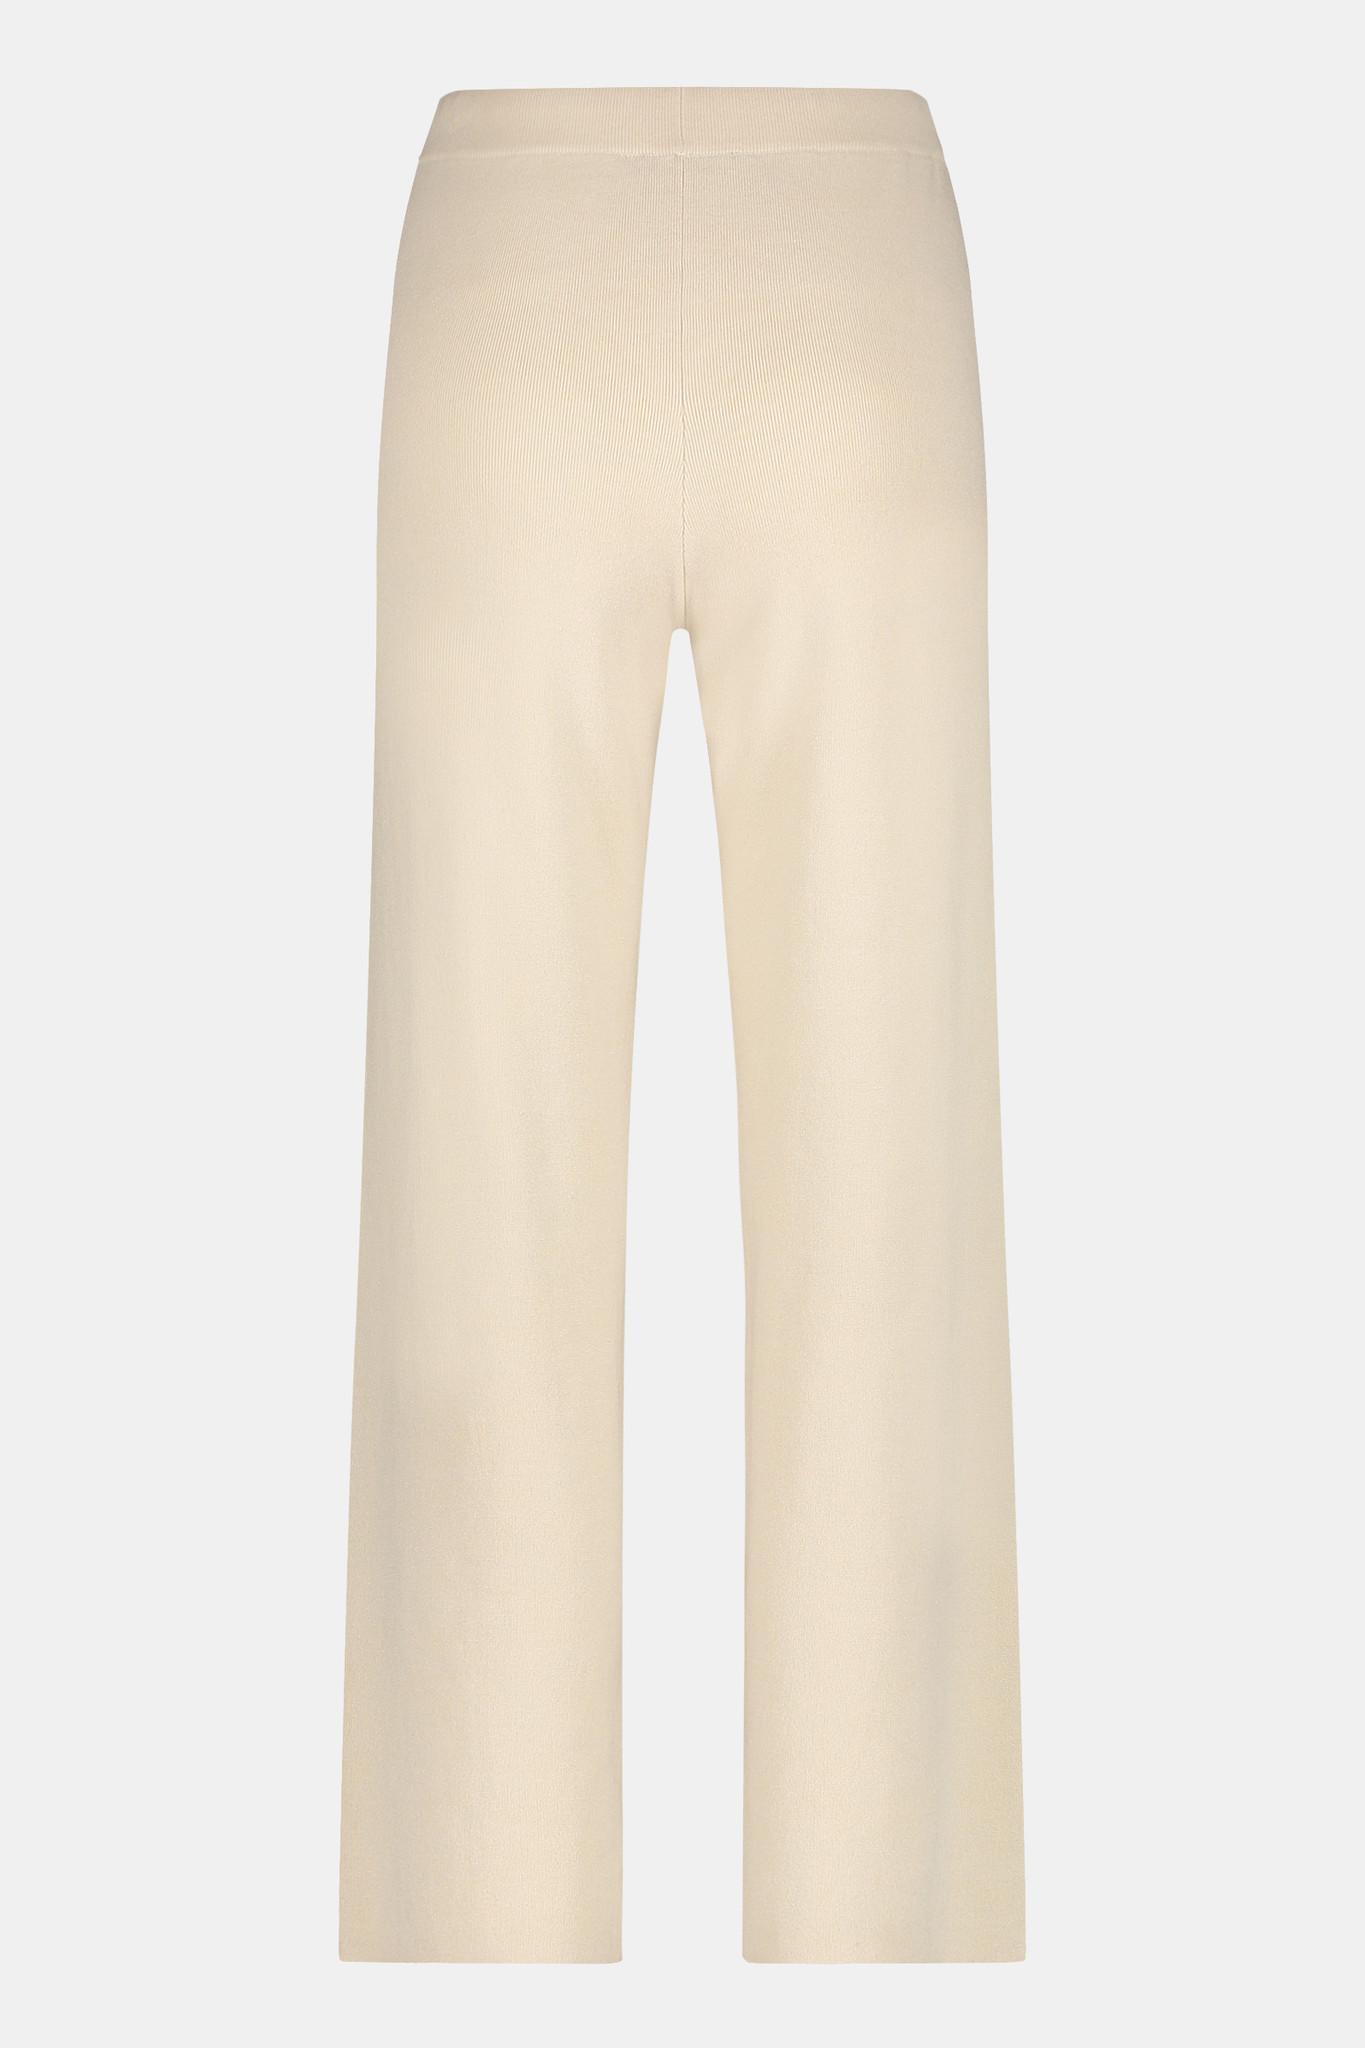 Penn & Ink Trousers W21B121-03-2